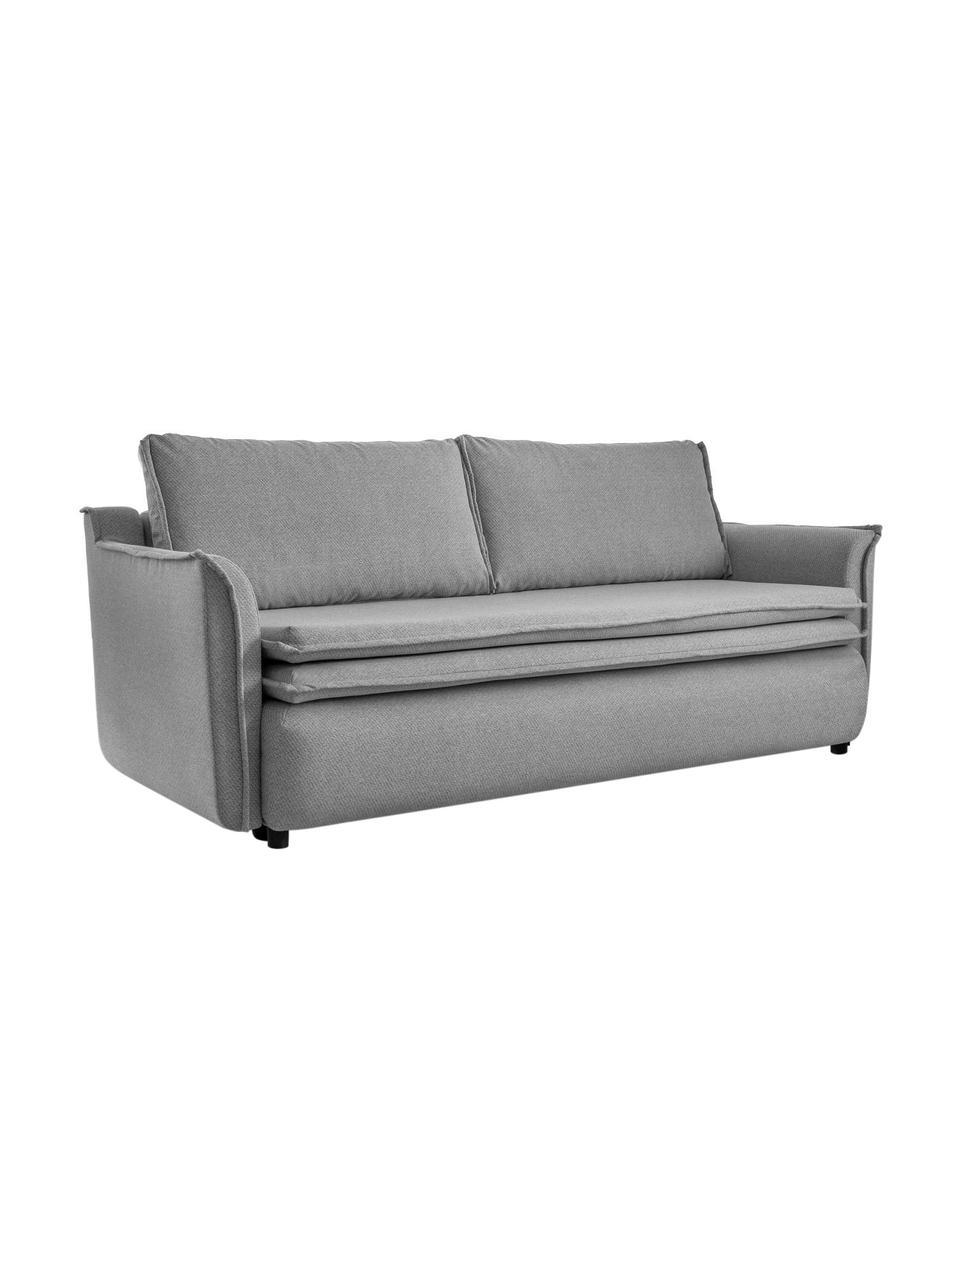 Divano letto in tessuto grigio con contenitore Charming Charlie, Rivestimento: 100% poliestere con sensa, Grigio, Larg. 225 x Prof. 85 cm